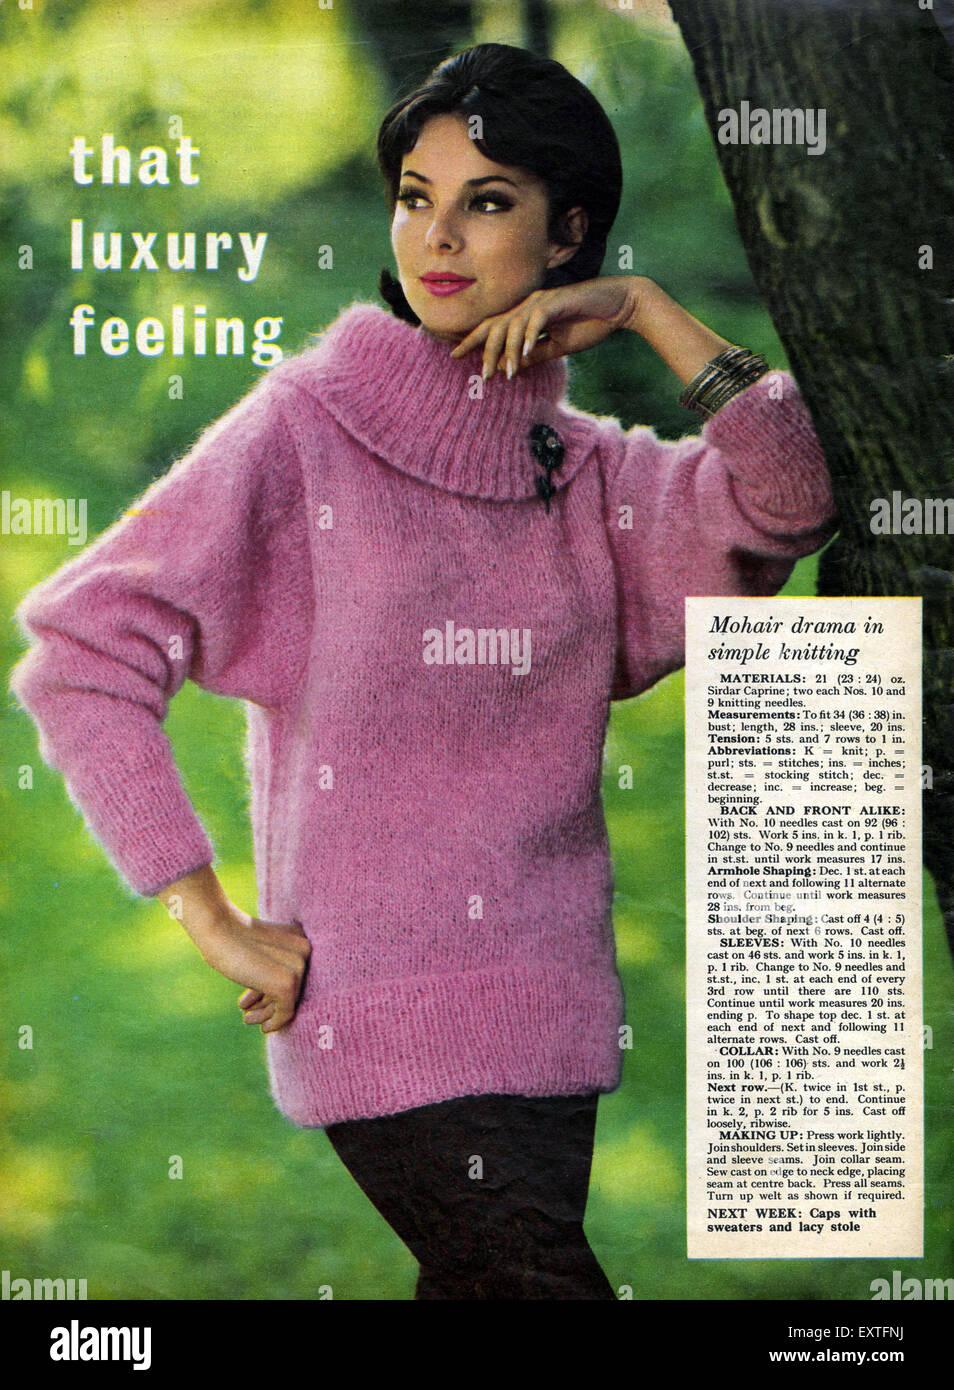 c8e2a8012a40 1960s UK Womens Knitting Patterns Stock Photo  85361742 - Alamy